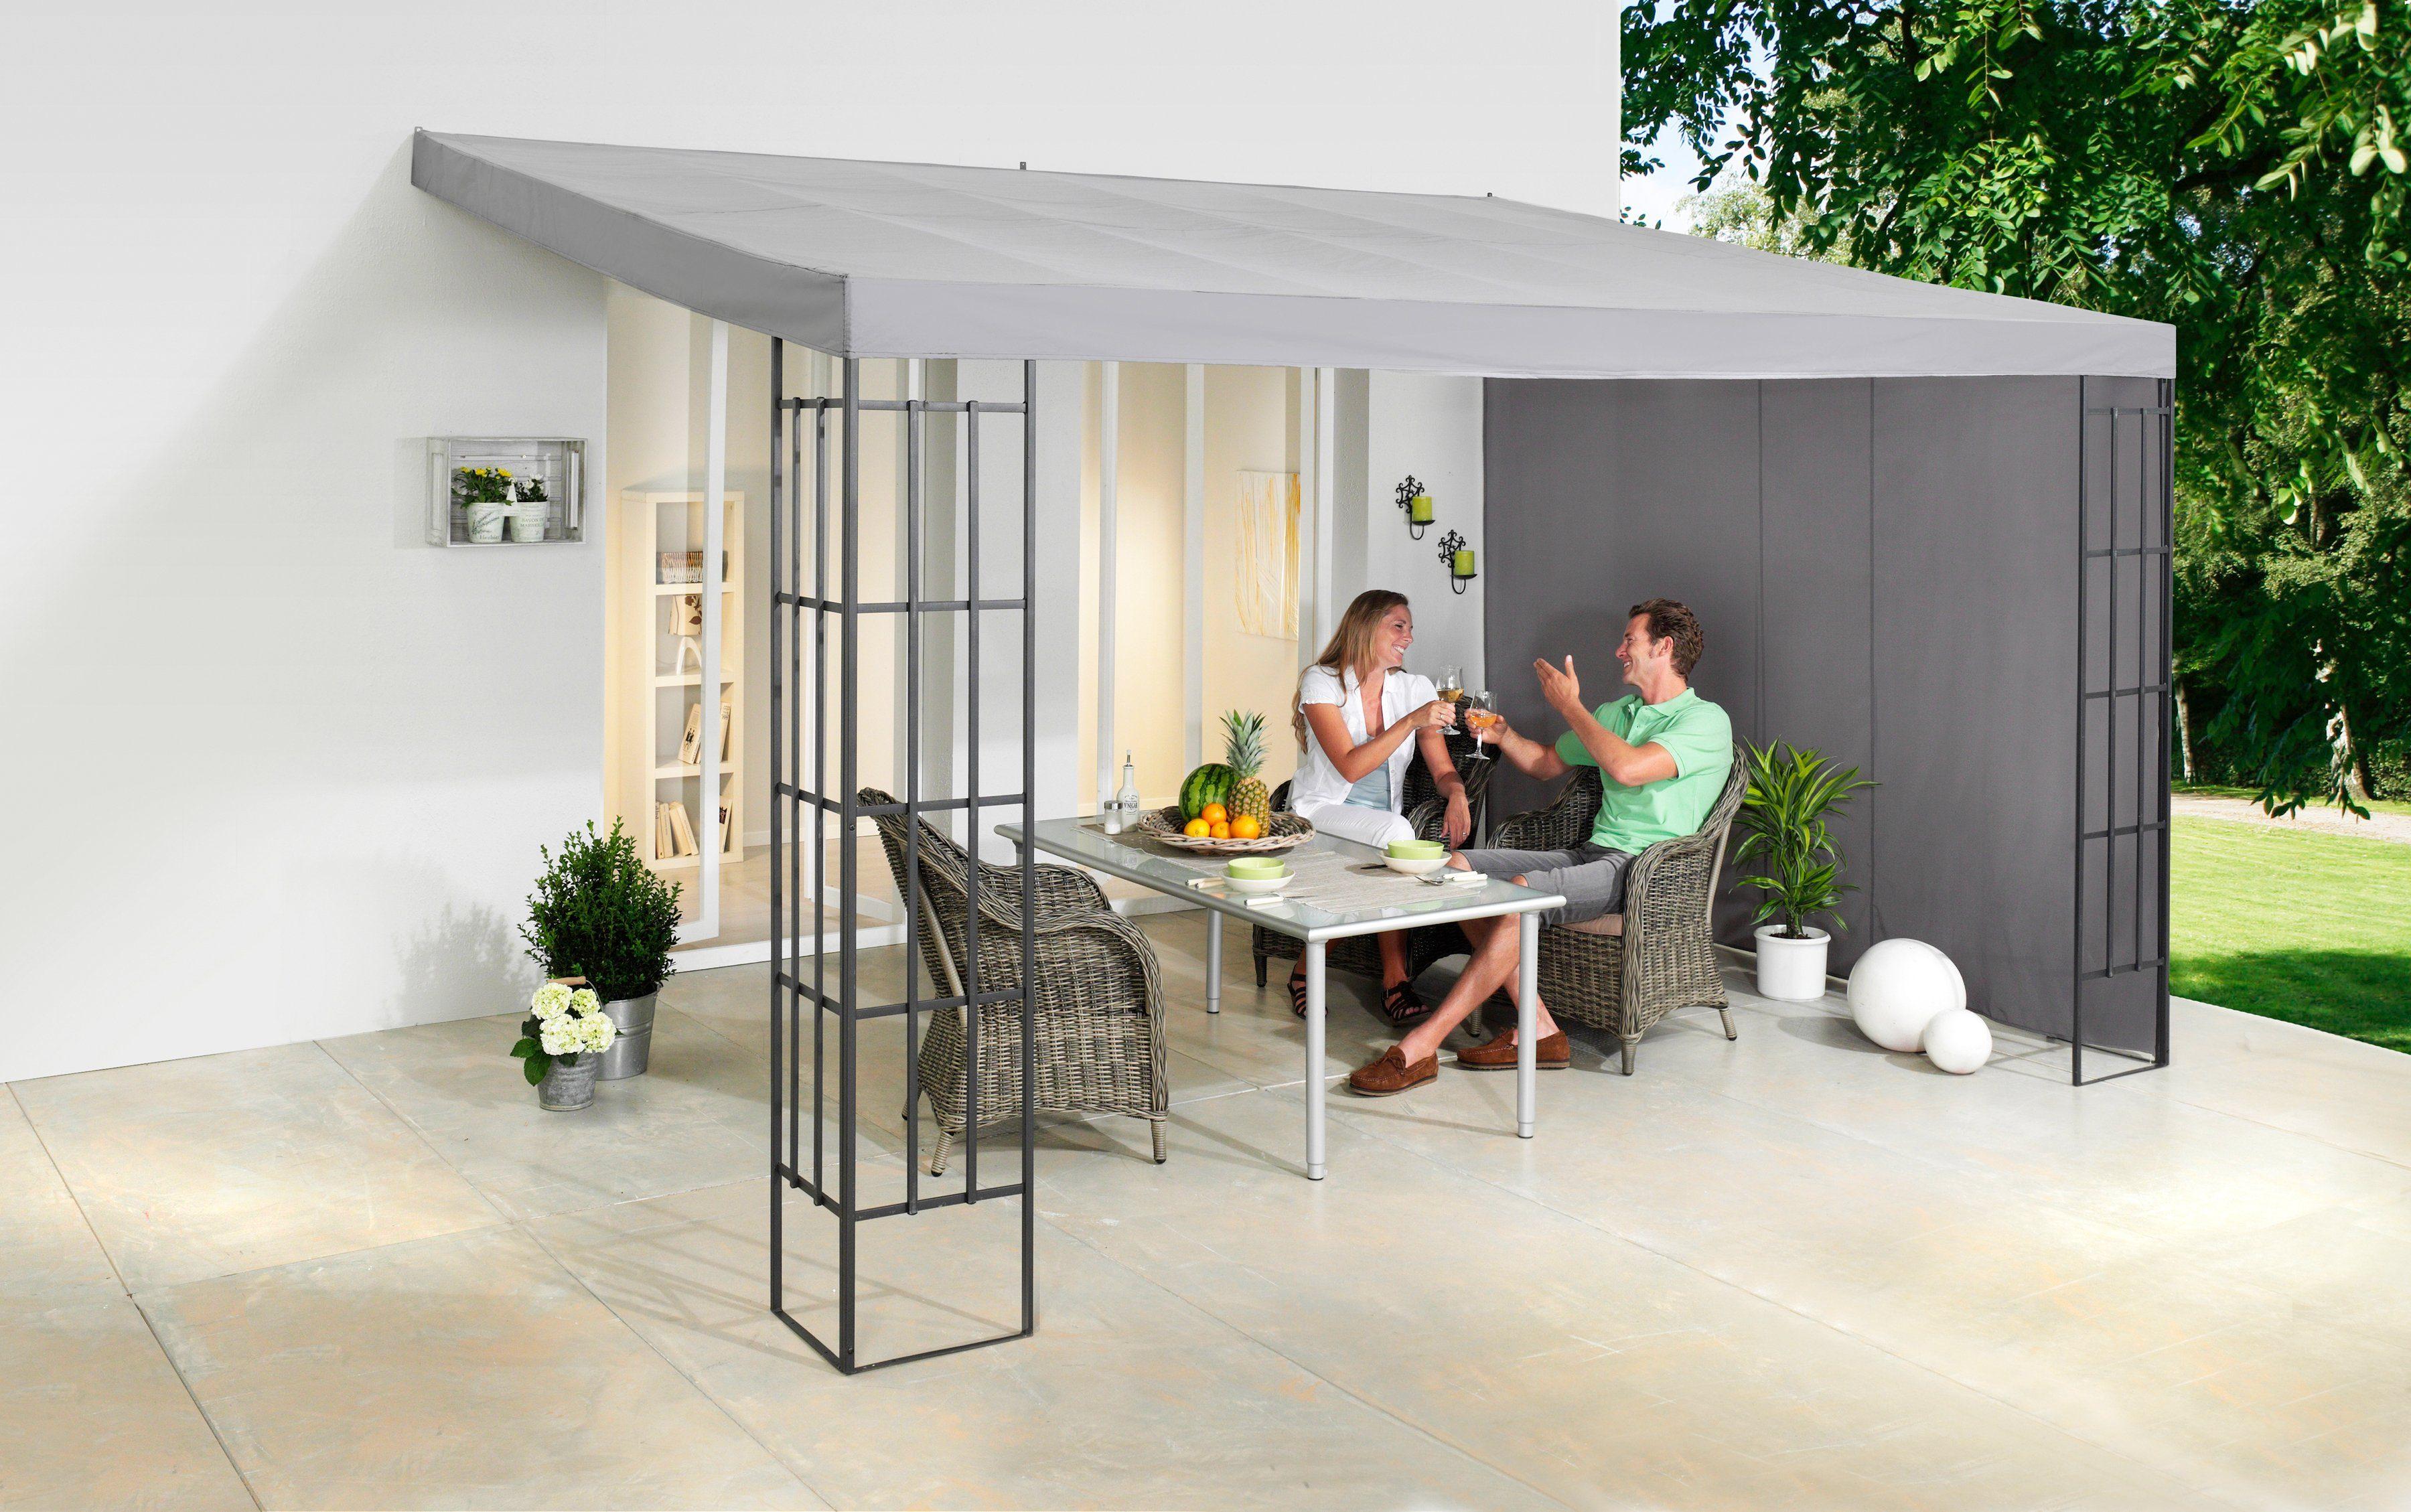 Seitenteile für Terrassendächer , 3x4 m, anthrazit